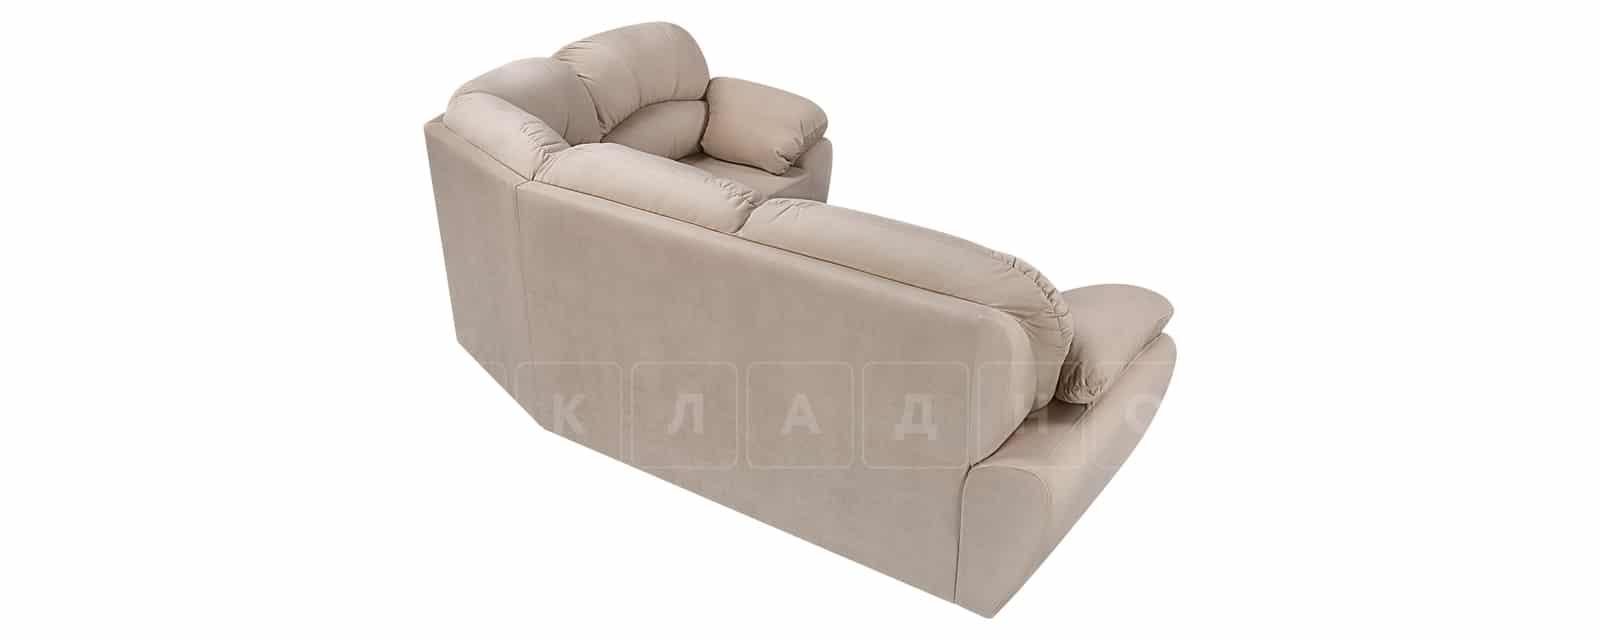 Угловой диван Эвита велюр бежевый правый угол фото 3 | интернет-магазин Складно